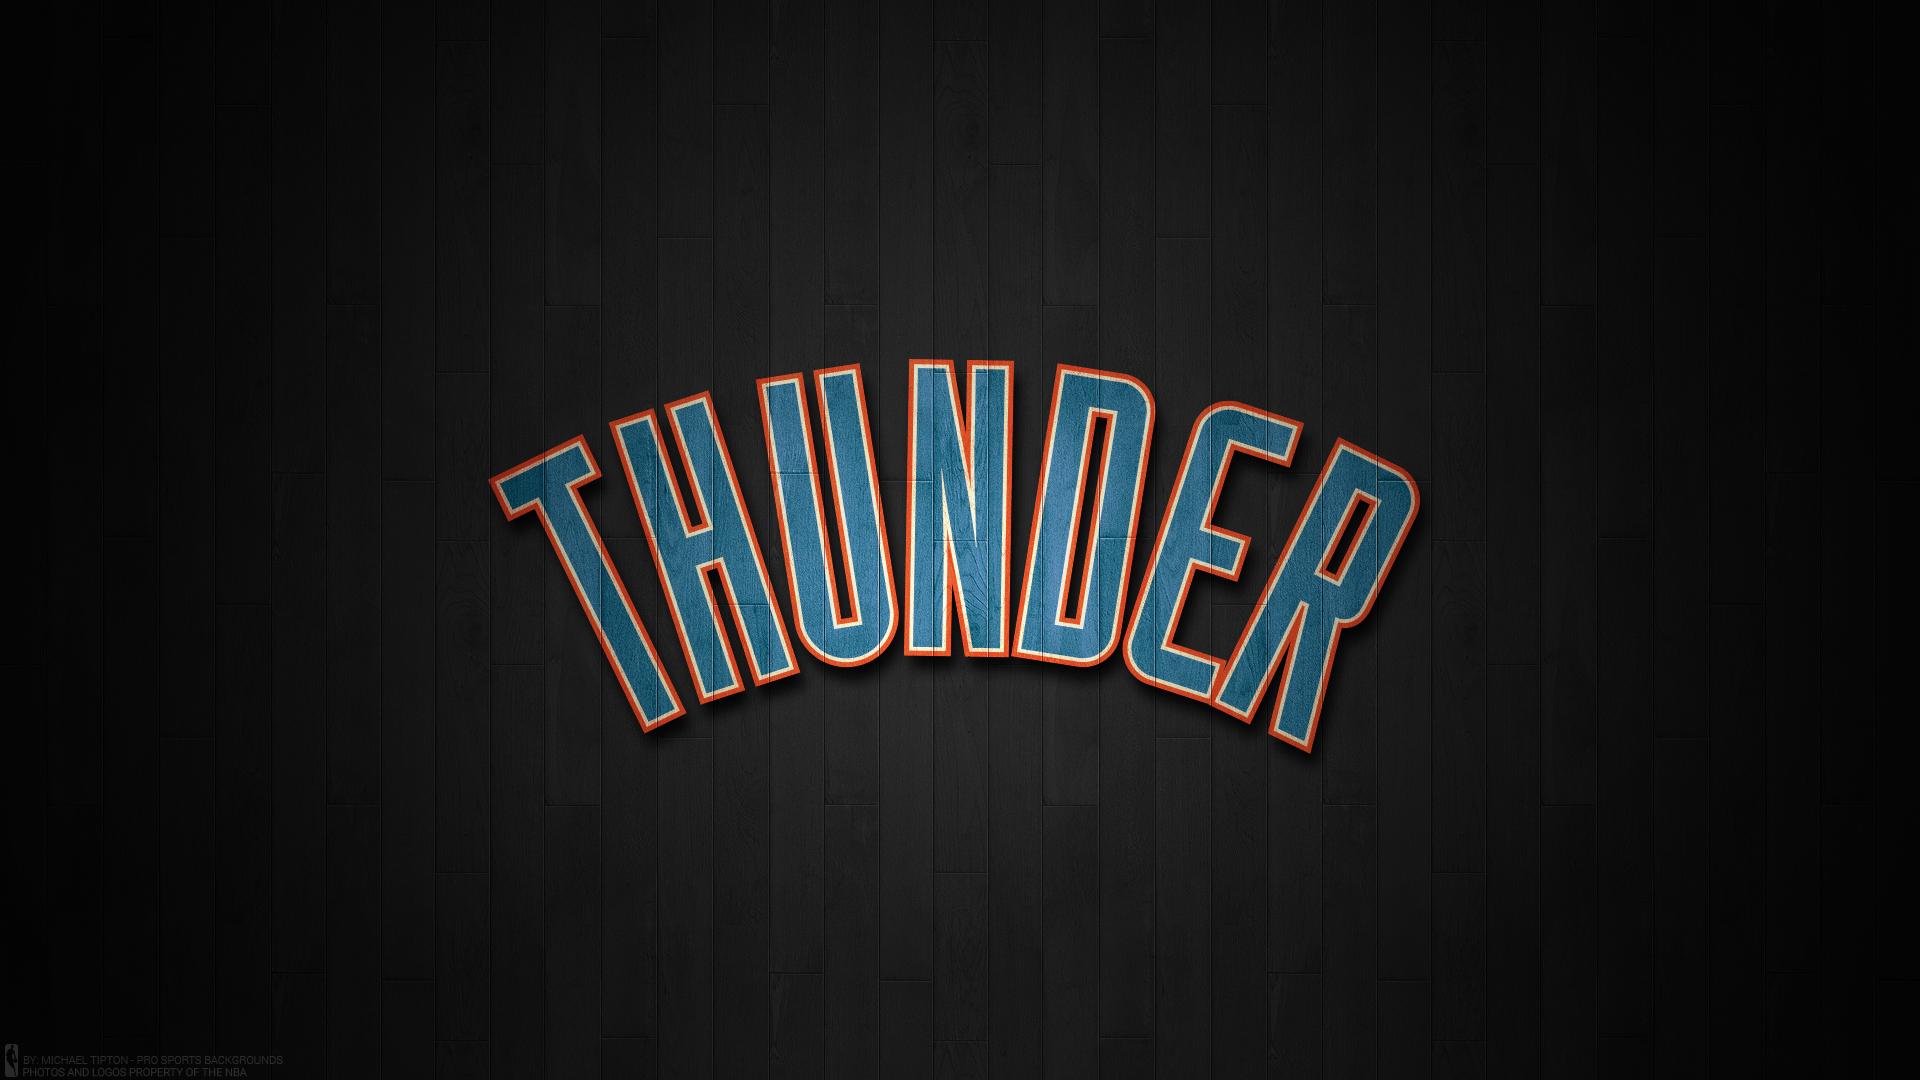 2018 Oklahoma City Thunder Wallpapers